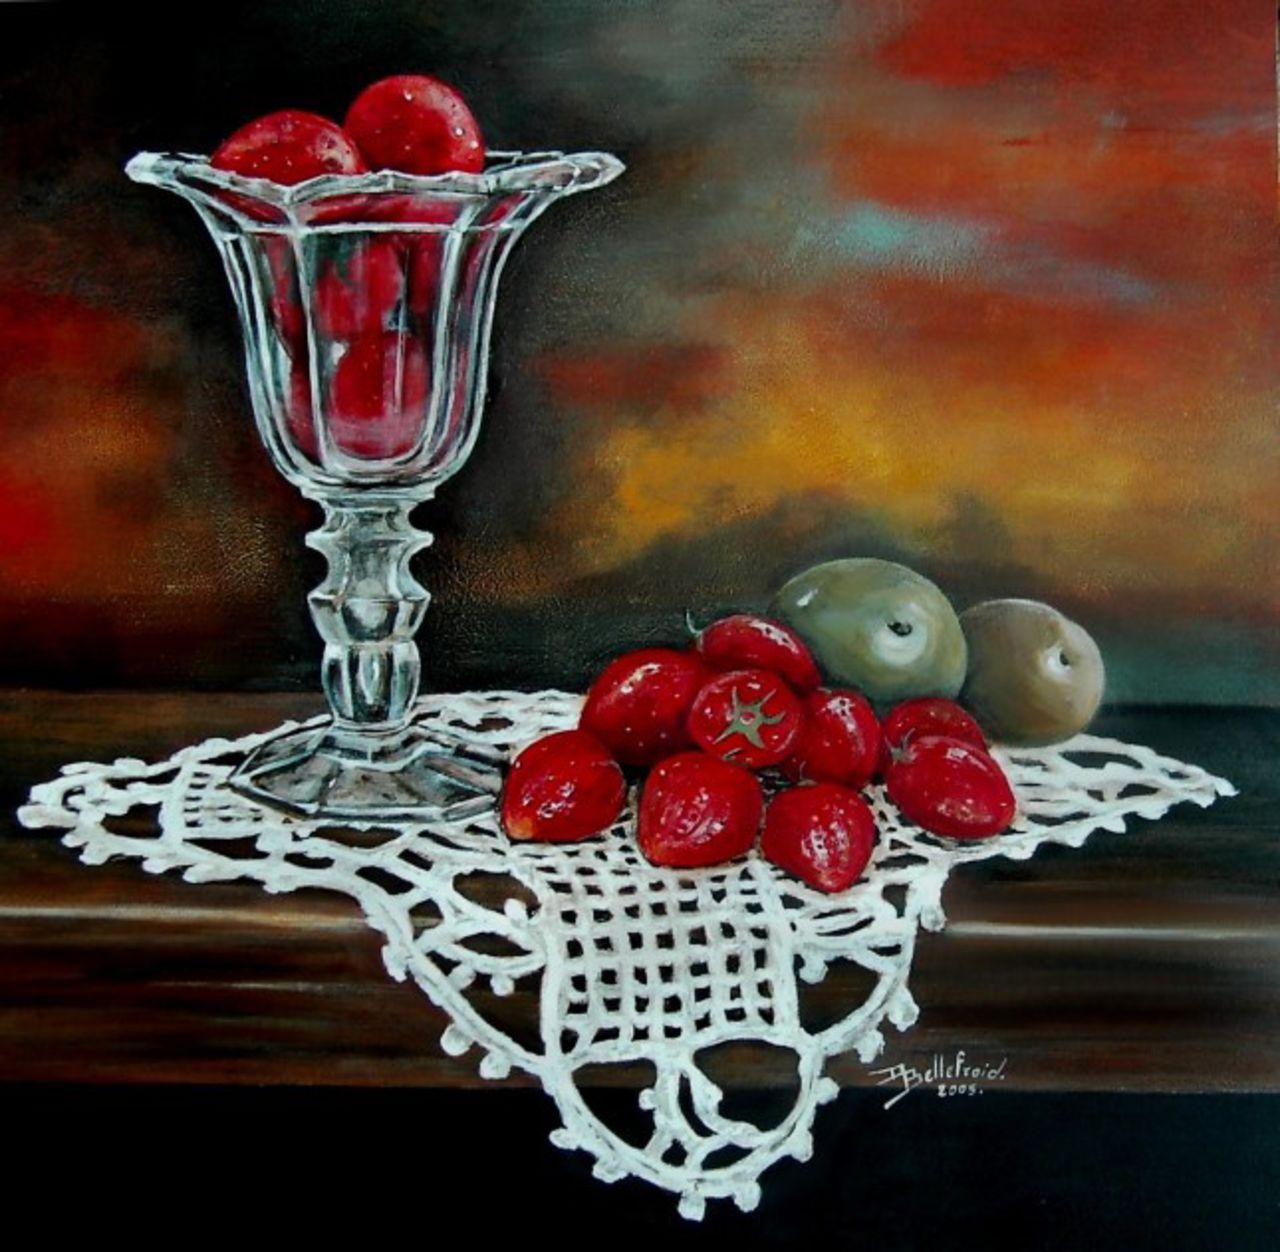 Danielle Bellefroid la coupe de fraises